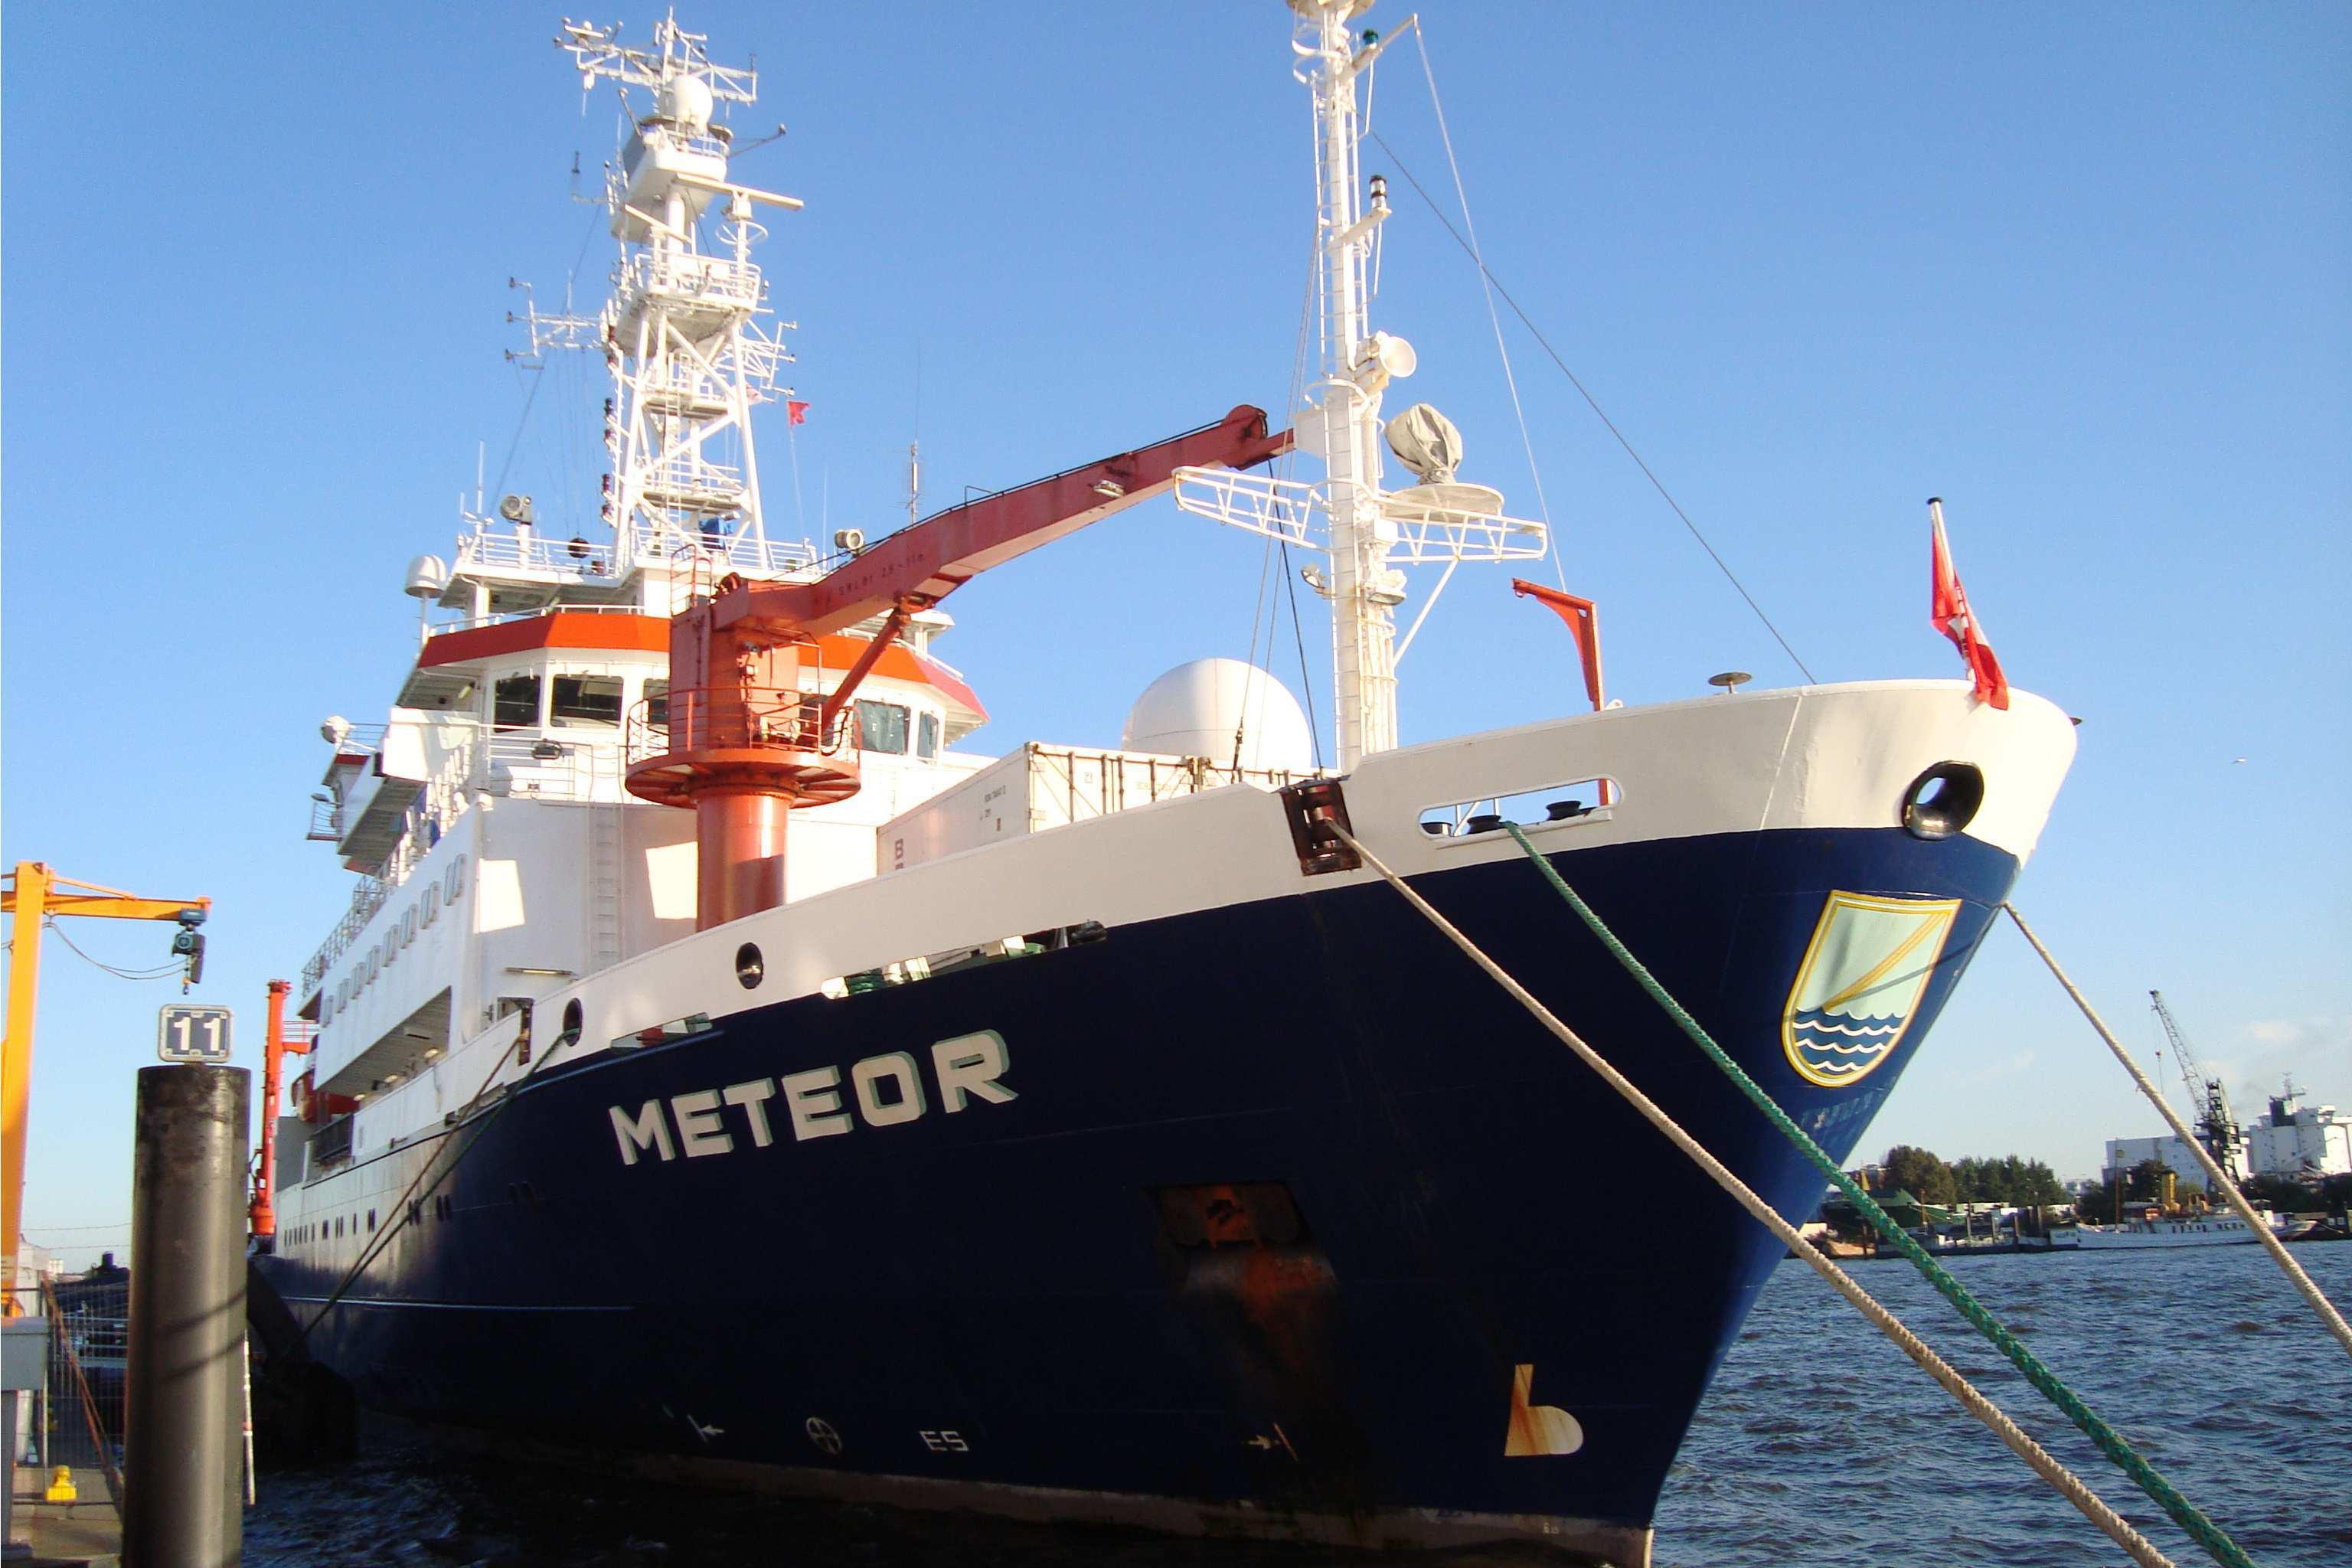 Meteor Forschungsschiff